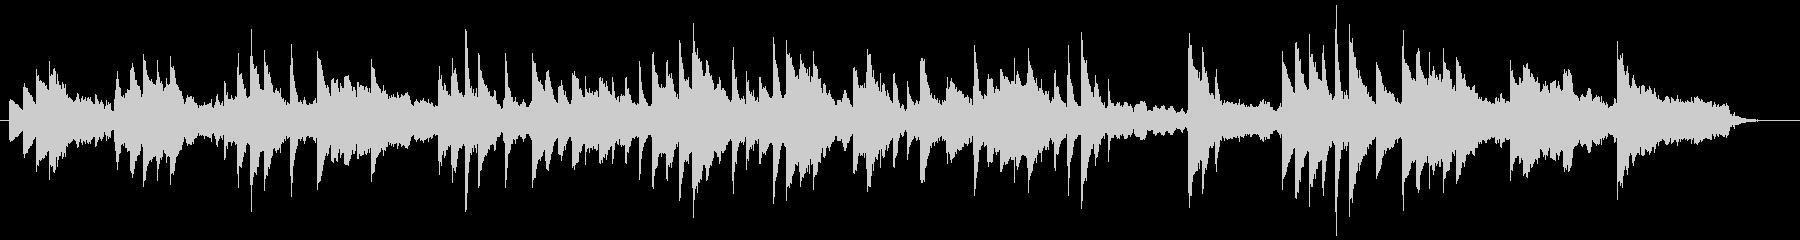 ヒーリング、リラクゼーションなピアノ曲の未再生の波形